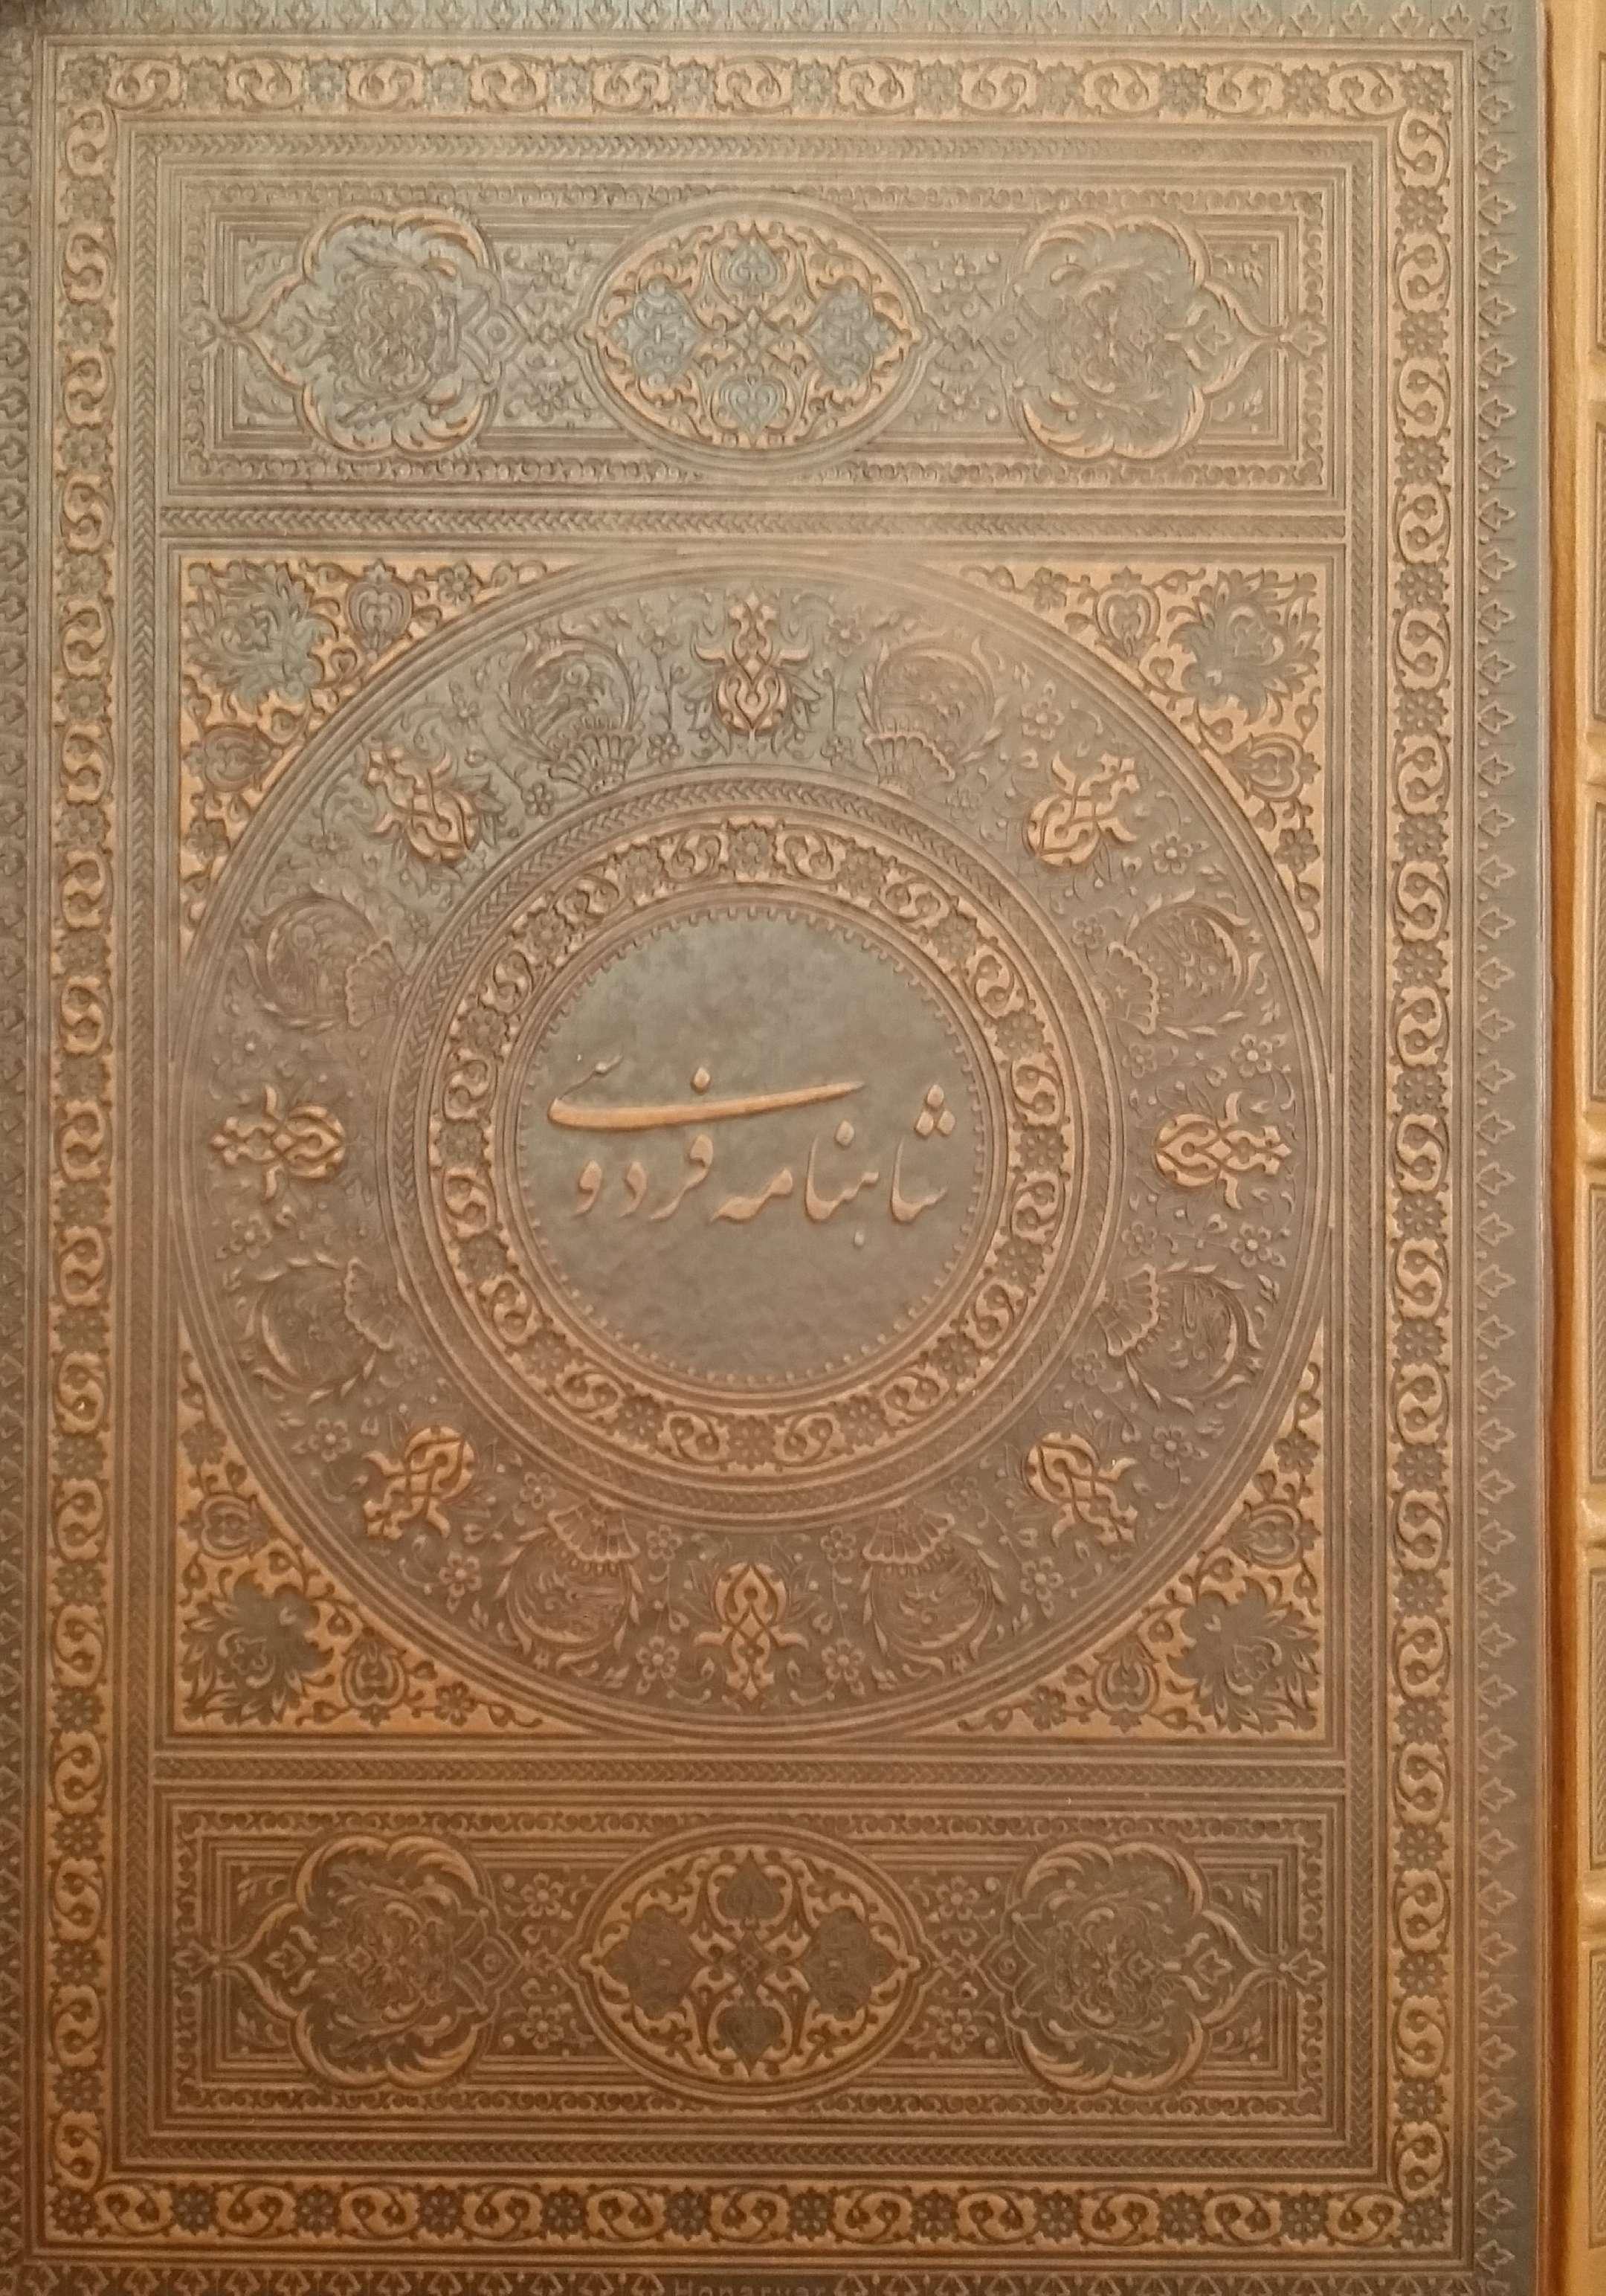 شاهنامه-فردوسي